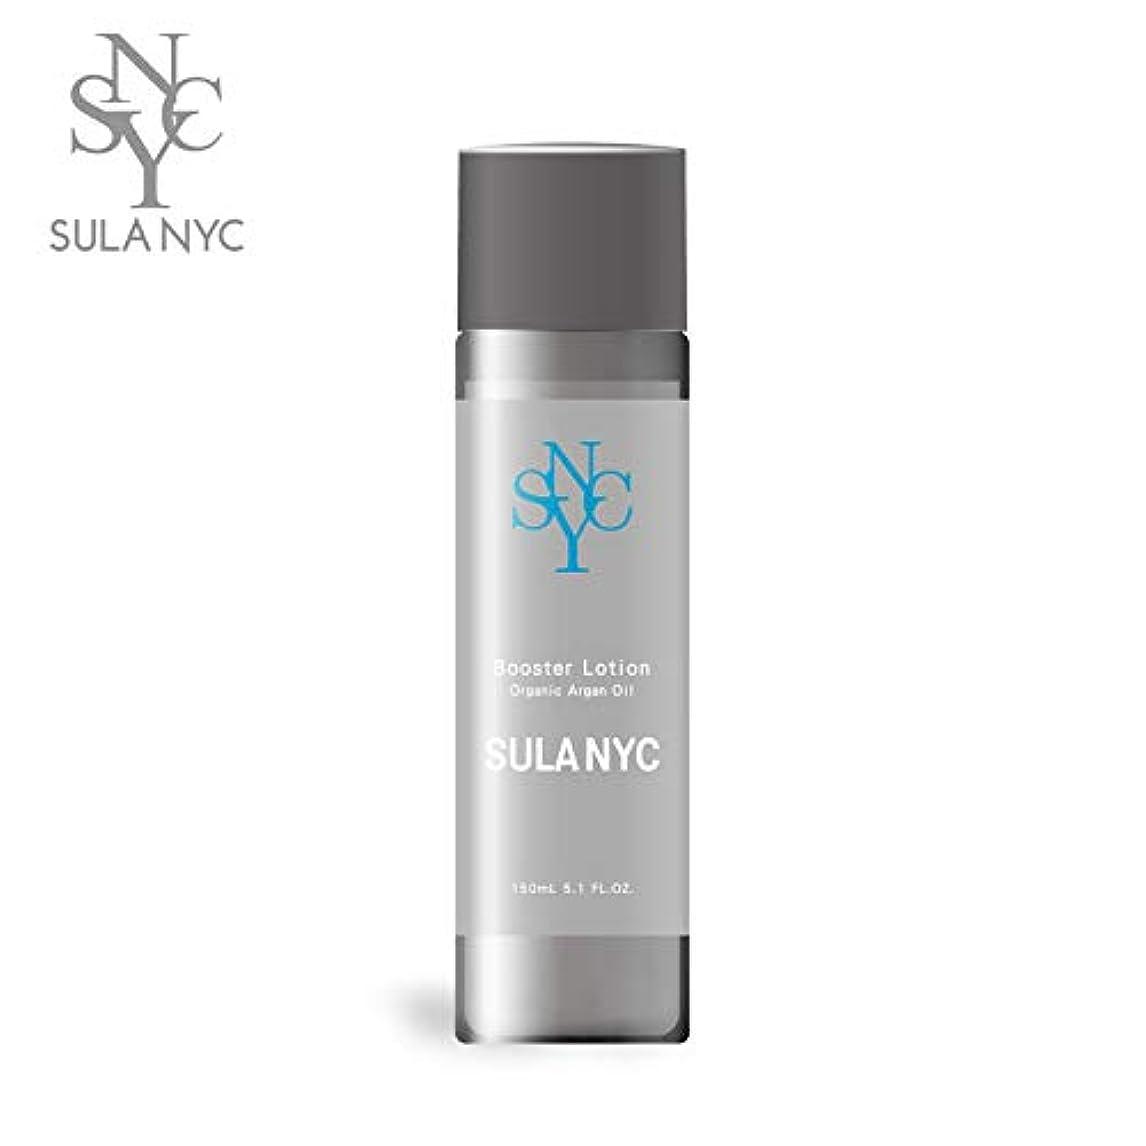 SULA NYC スーラ エヌワイシー アルガンオイル ブースターローション 化粧水 150ml